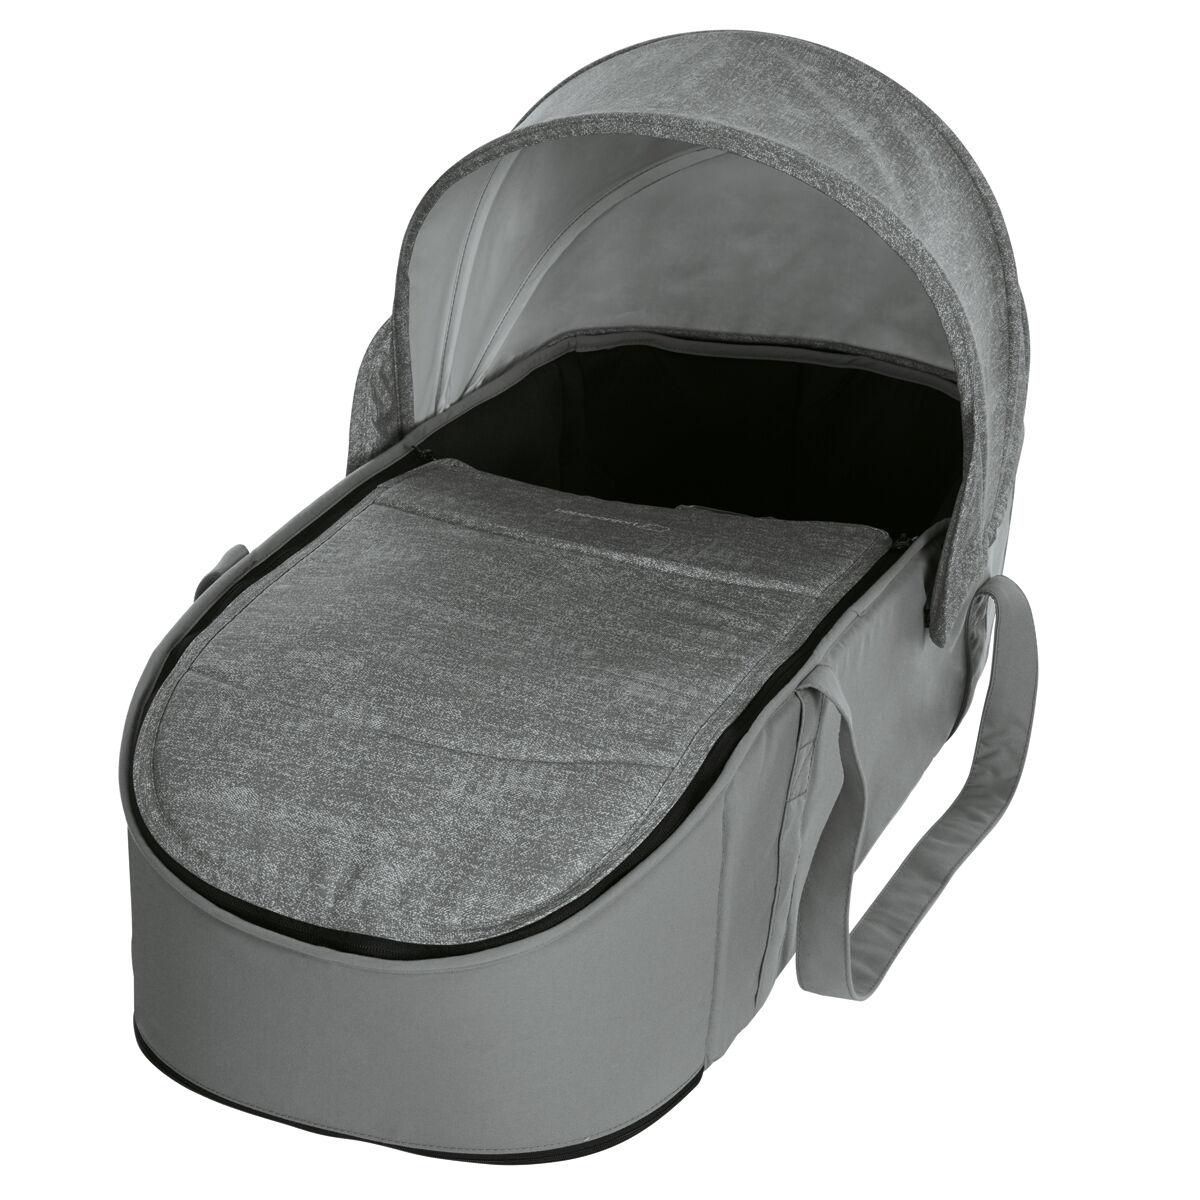 Bébé Confort Nacelle Laïka - Nomad Grey